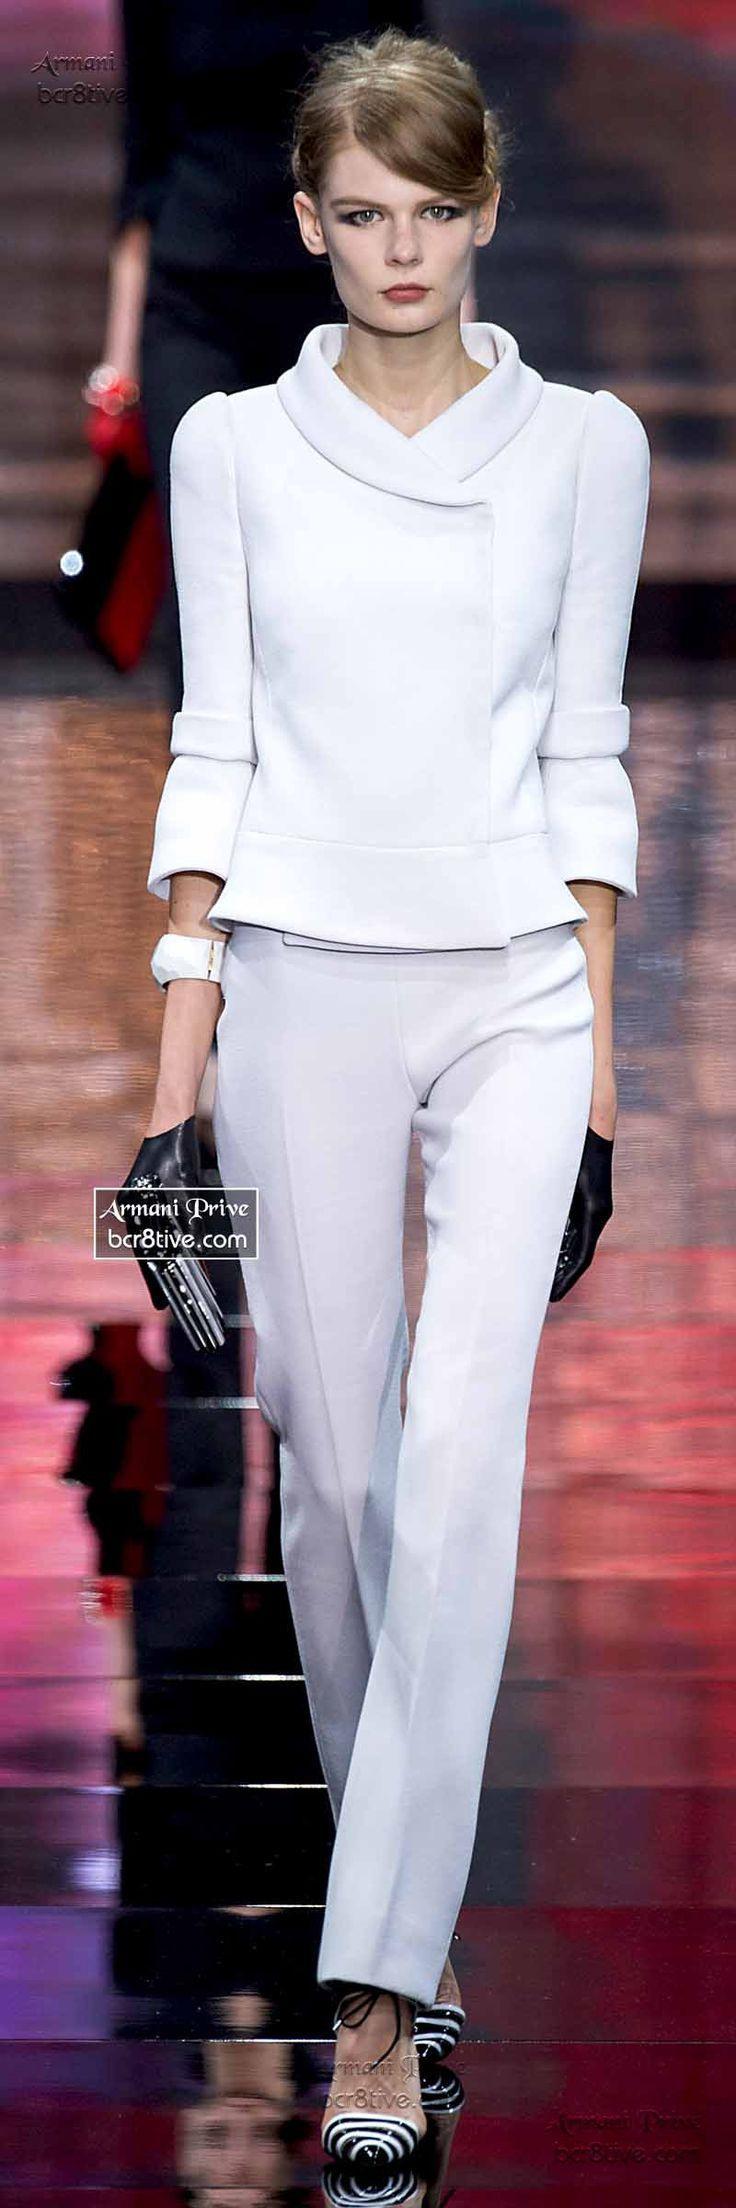 Armani Privé Haute Couture Fall Winter 201415 Collection